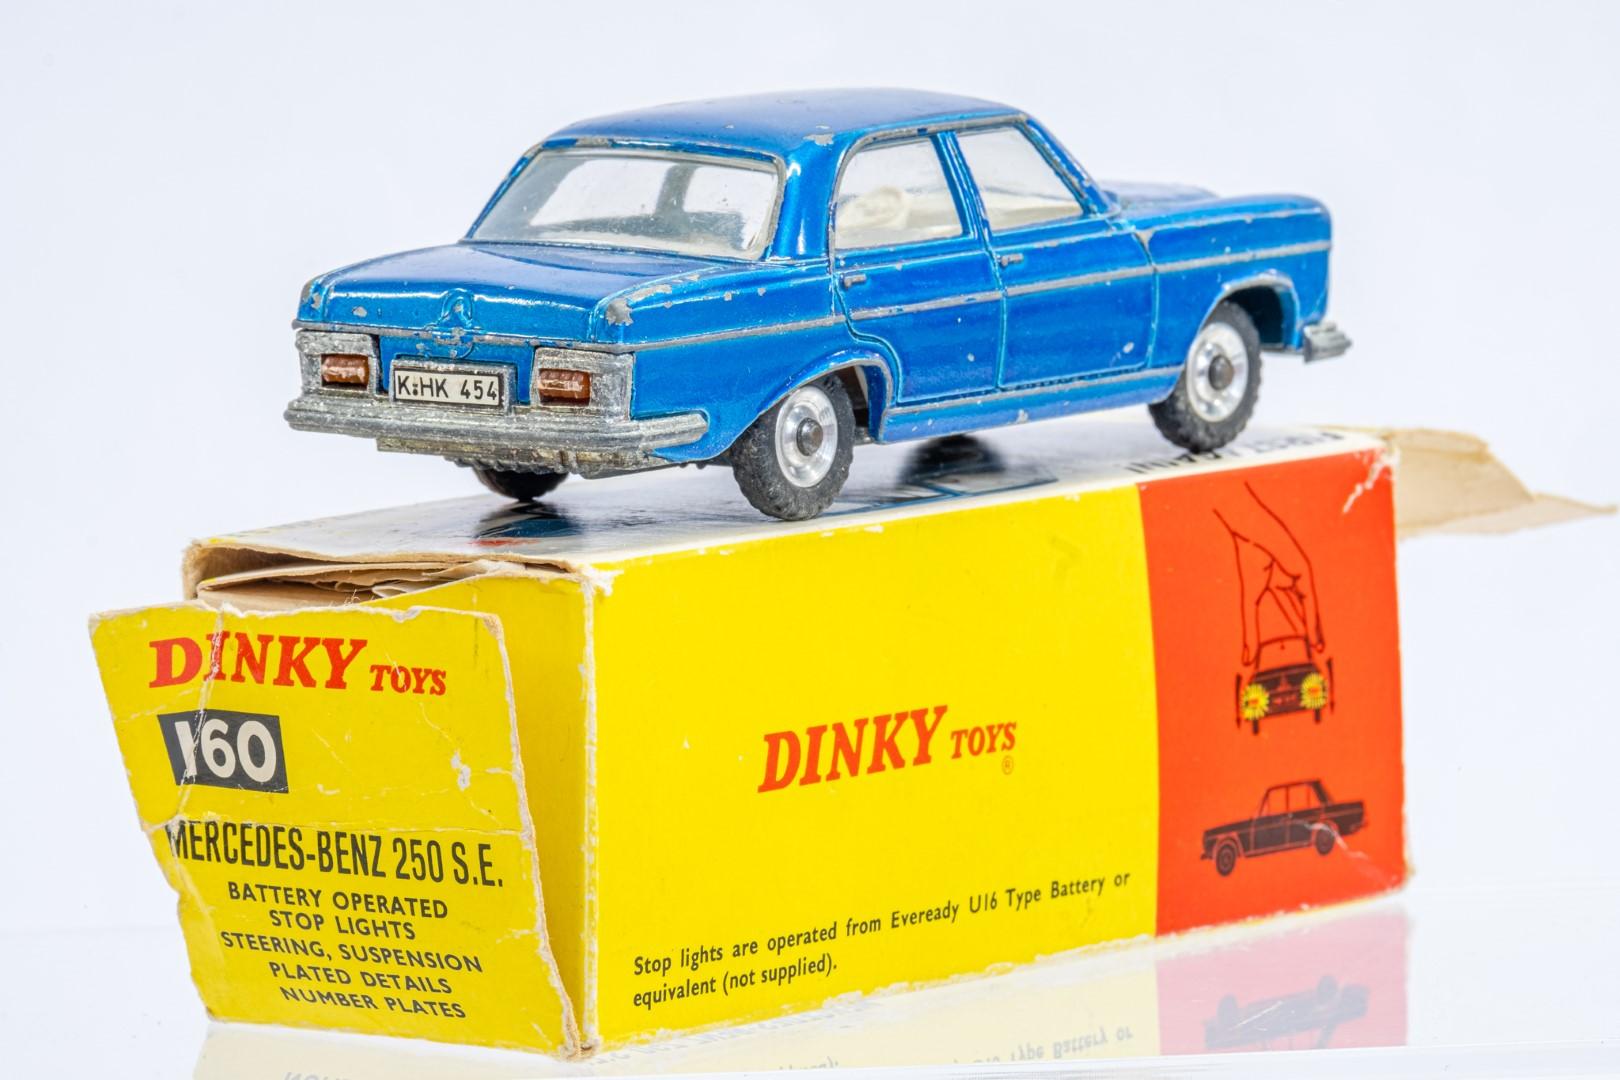 Dinky Mercedes Benz 250 S.E. - Original Box - Image 3 of 7